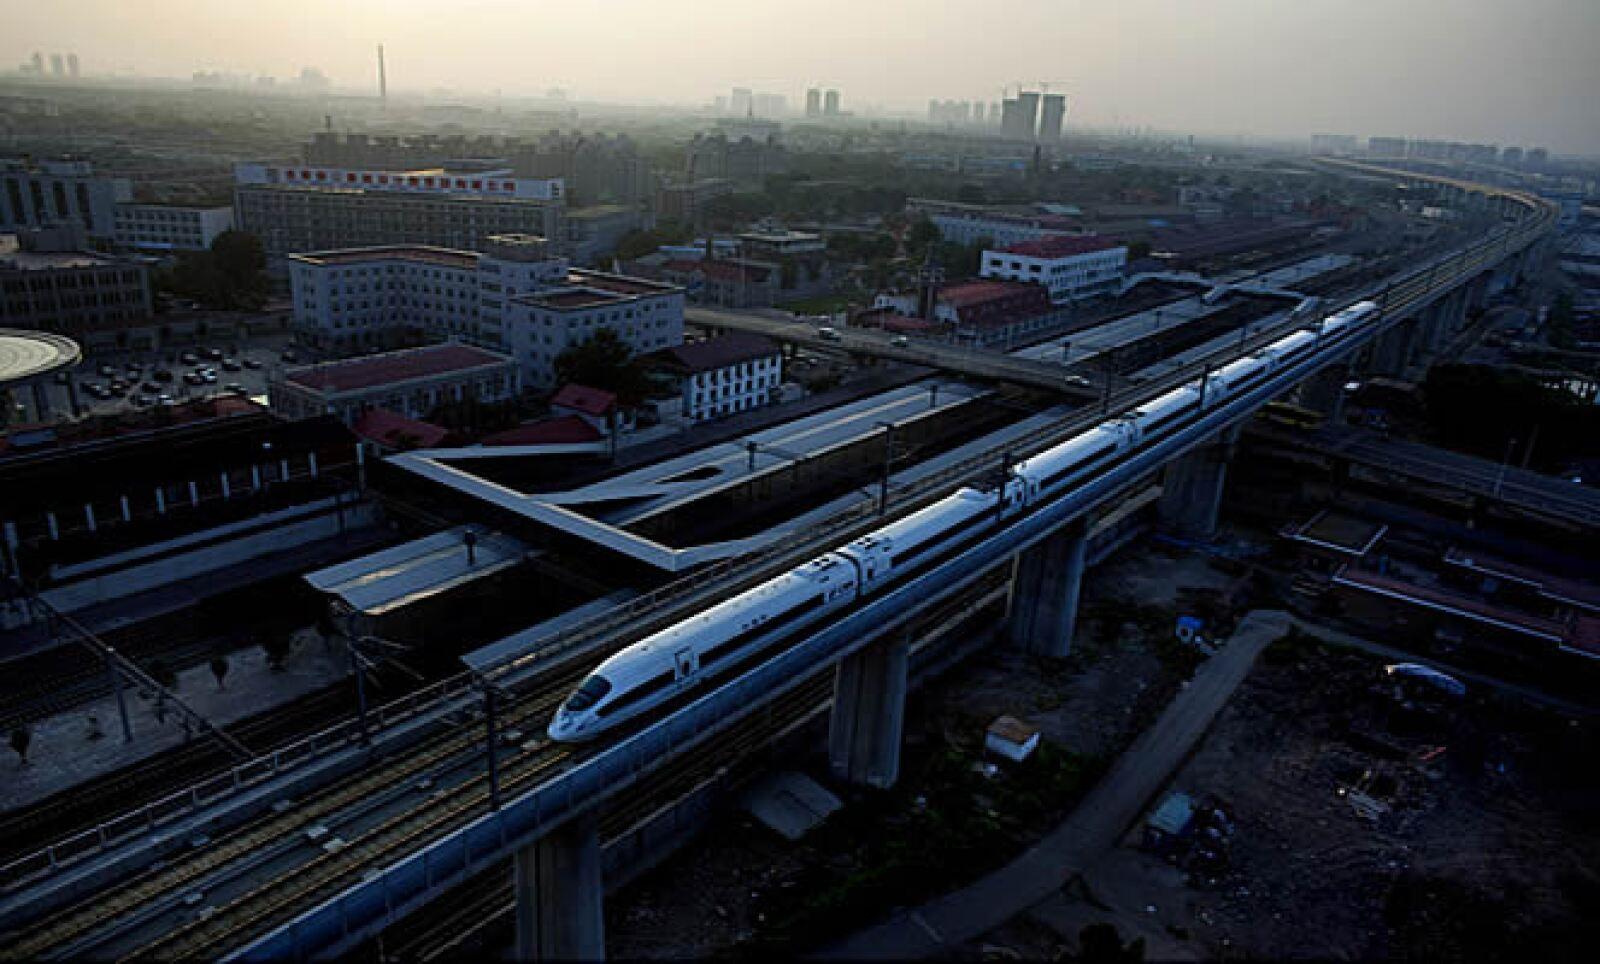 El Tren Bala chino fue inaugurado en enero del 2004, recorre las ciudades de Pudong a Shangai en aproximadamente 30 minutos.